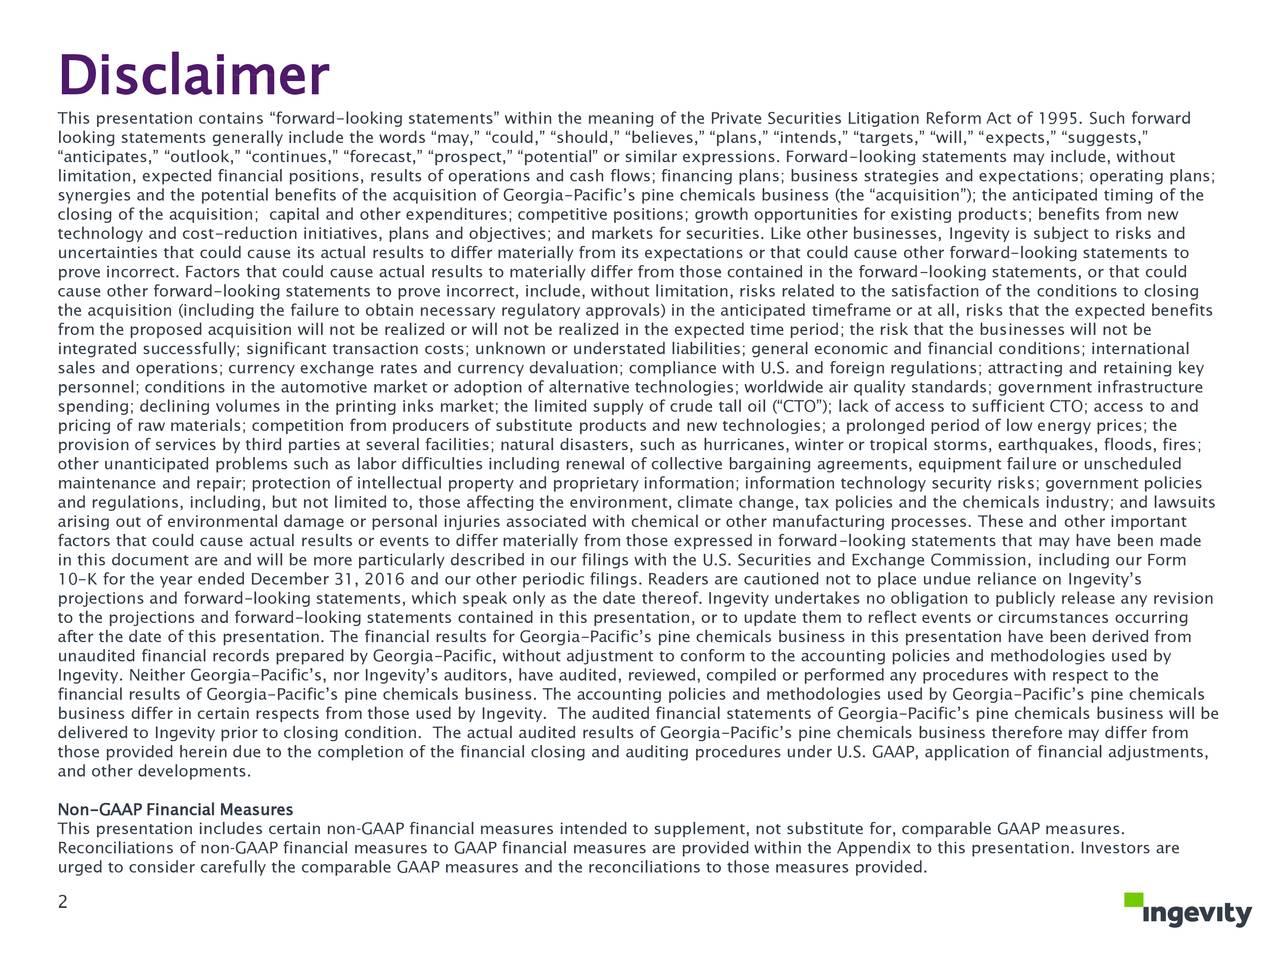 Asic regulatory guide ipo